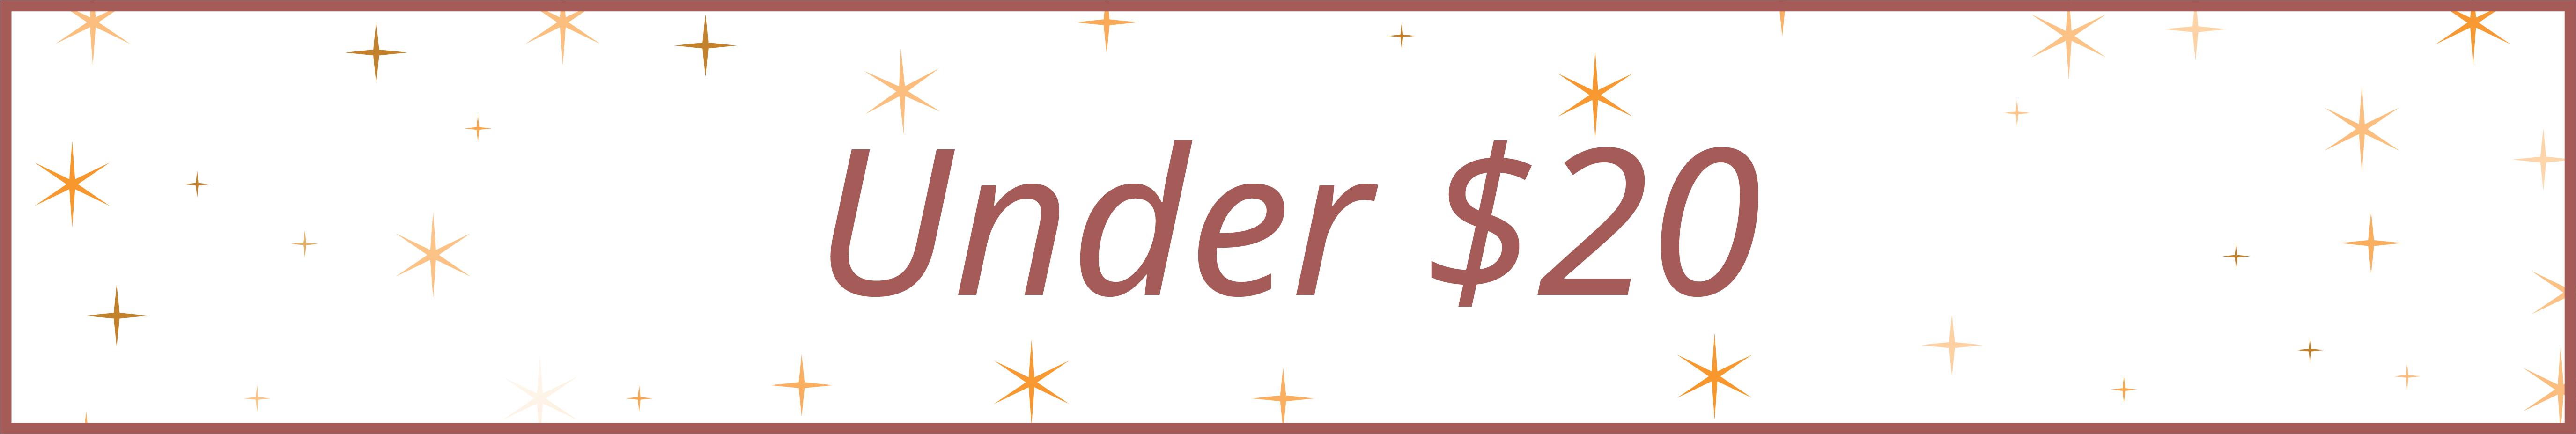 Shop Gift ideas under $20